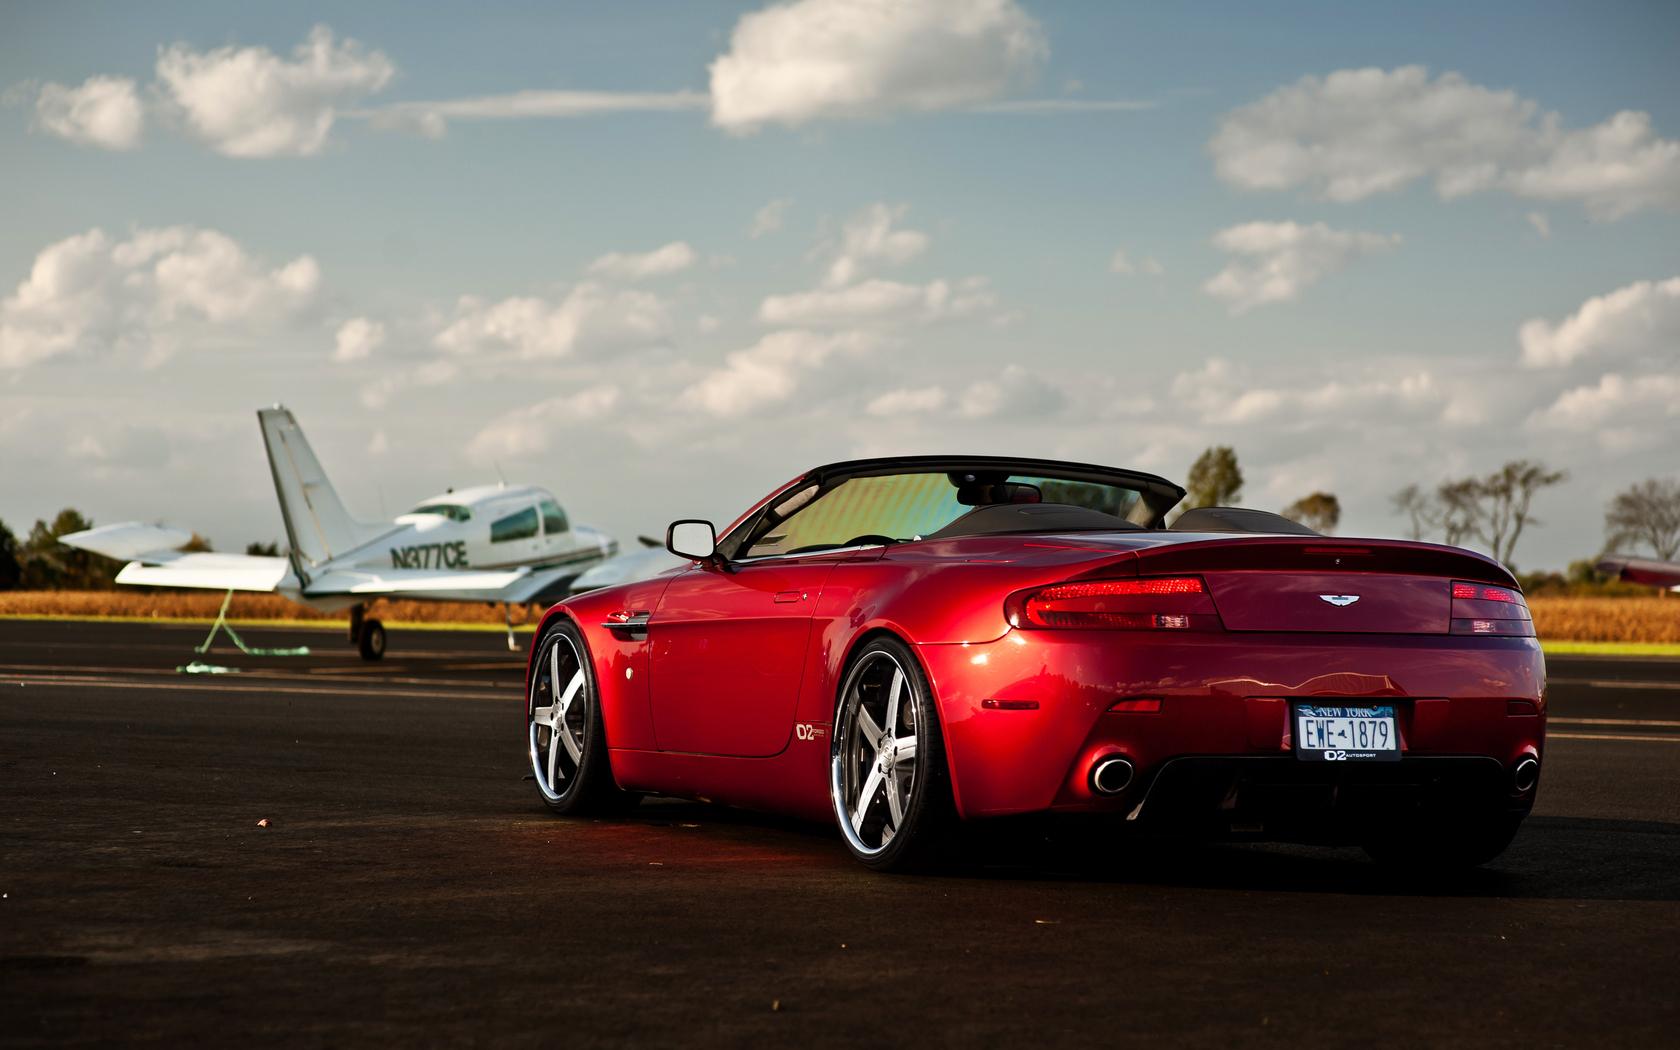 28650 скачать обои Транспорт, Машины, Астон Мартин (Aston Martin) - заставки и картинки бесплатно